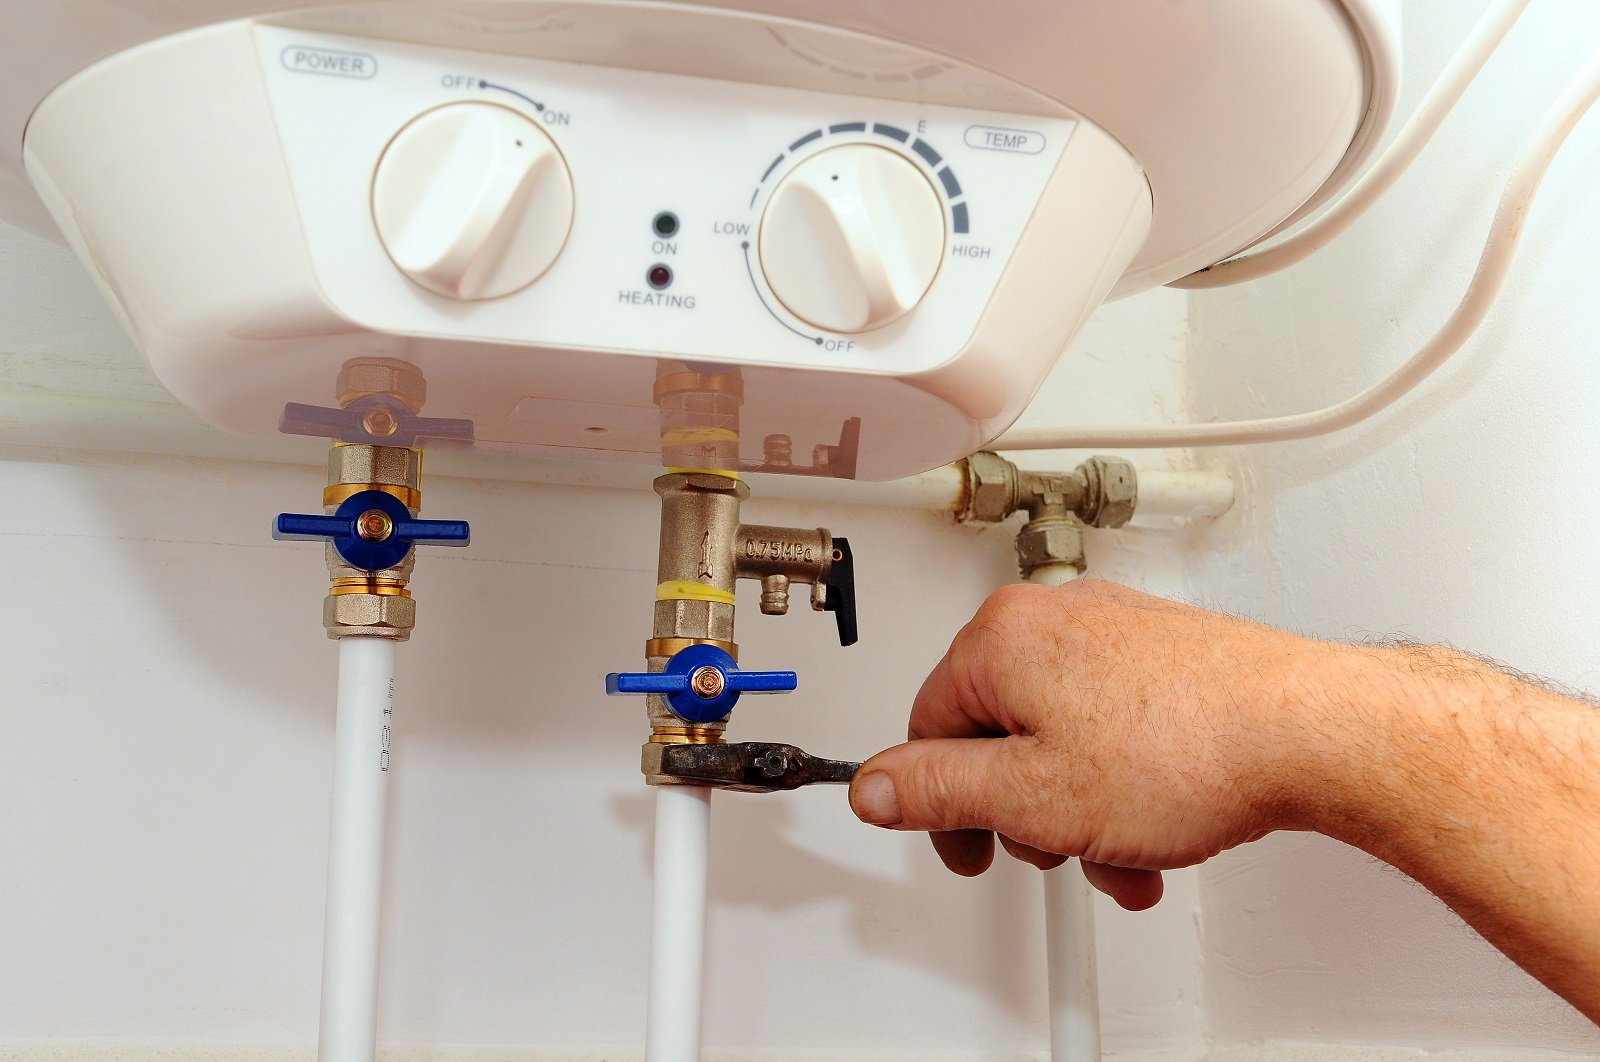 una mano appoggiata alla manopola del gas di una caldaia